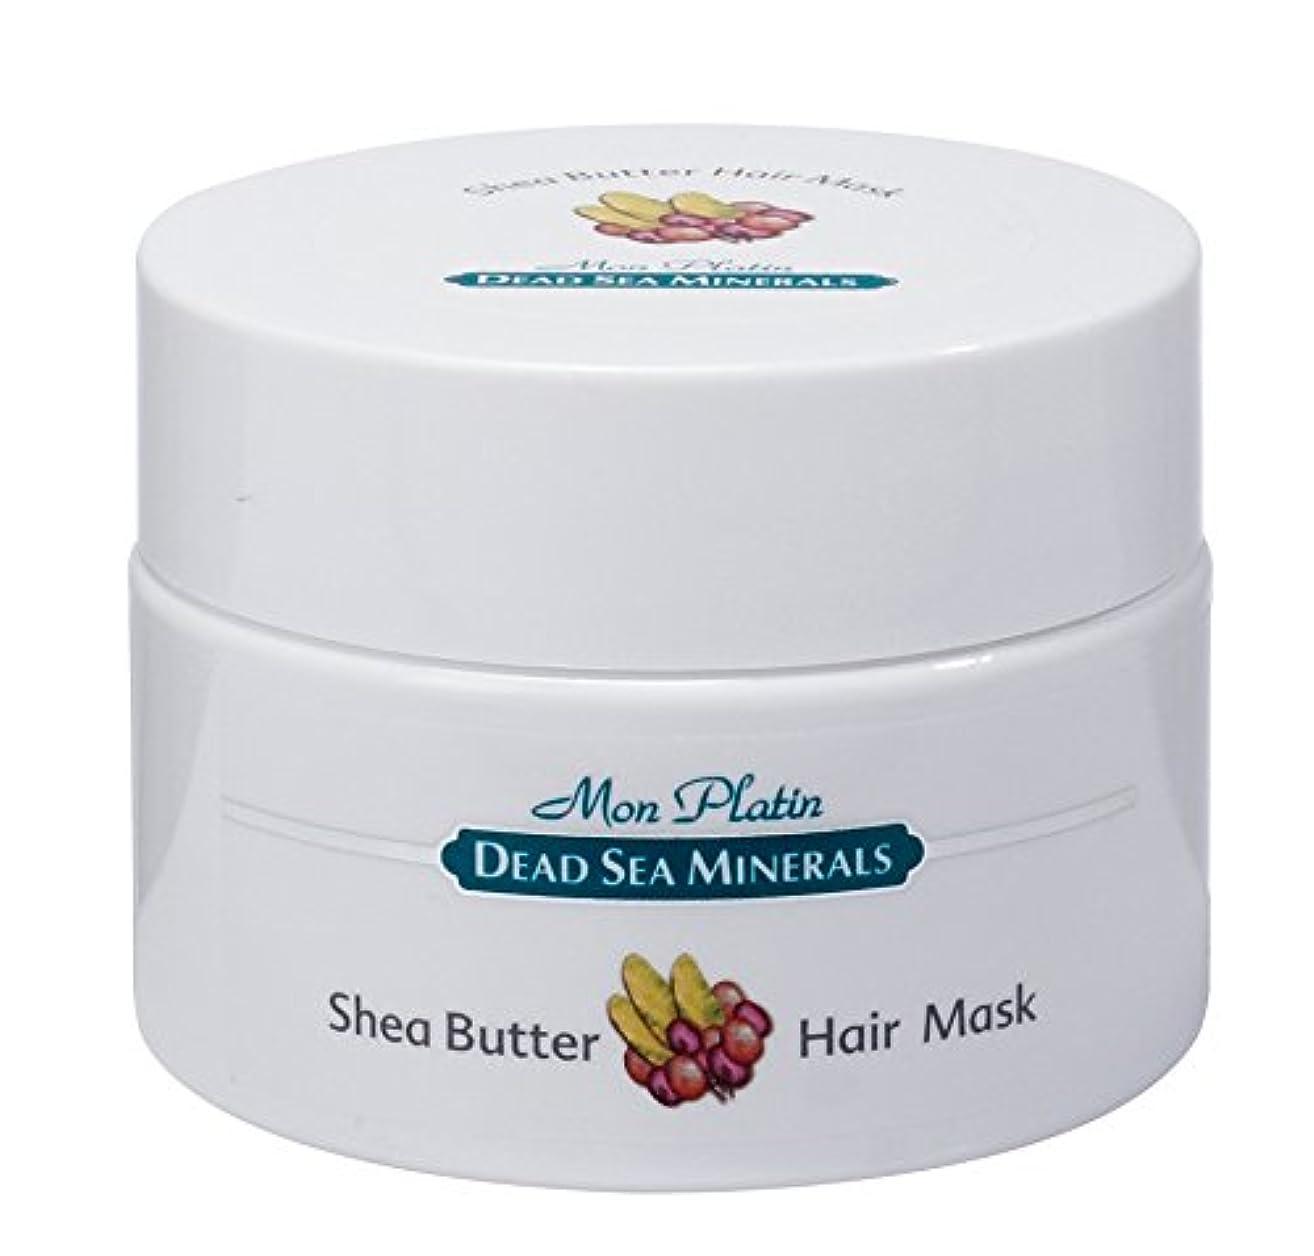 インタラクションカルシウムラビリンス死海ミネラルシーバター髪マスク 250mL 死海ミネラル 天然 お手入れ 美容 イスラエル (Shea Butter Hair Mask)